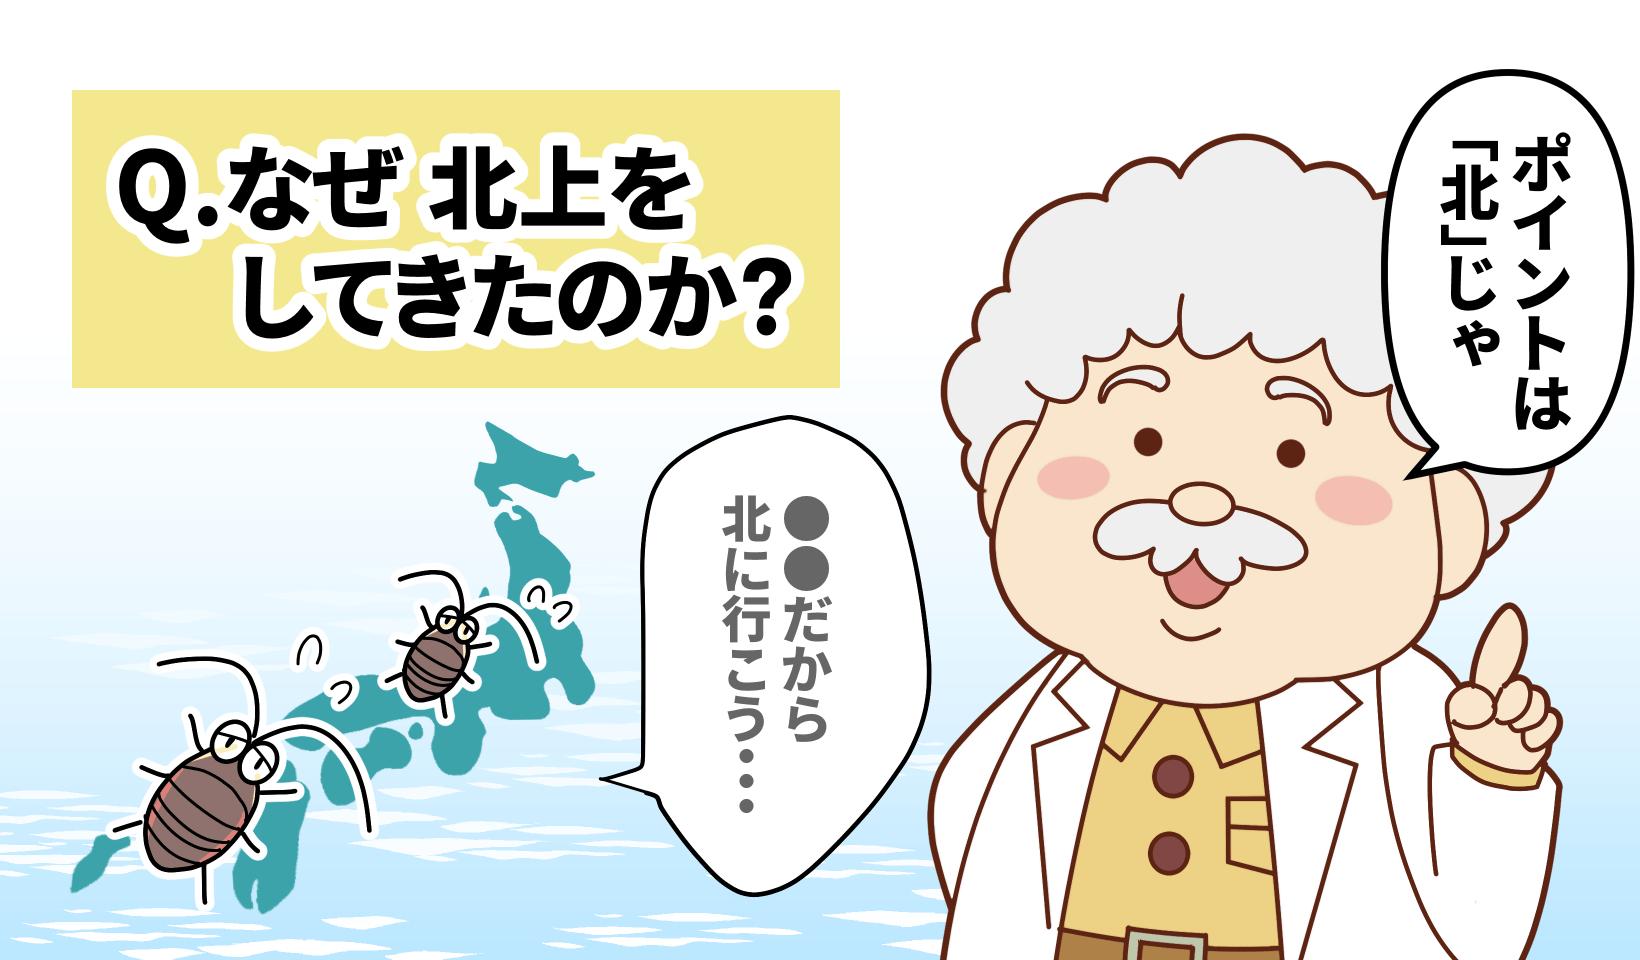 なぜゴキブリは北上してきたのか?